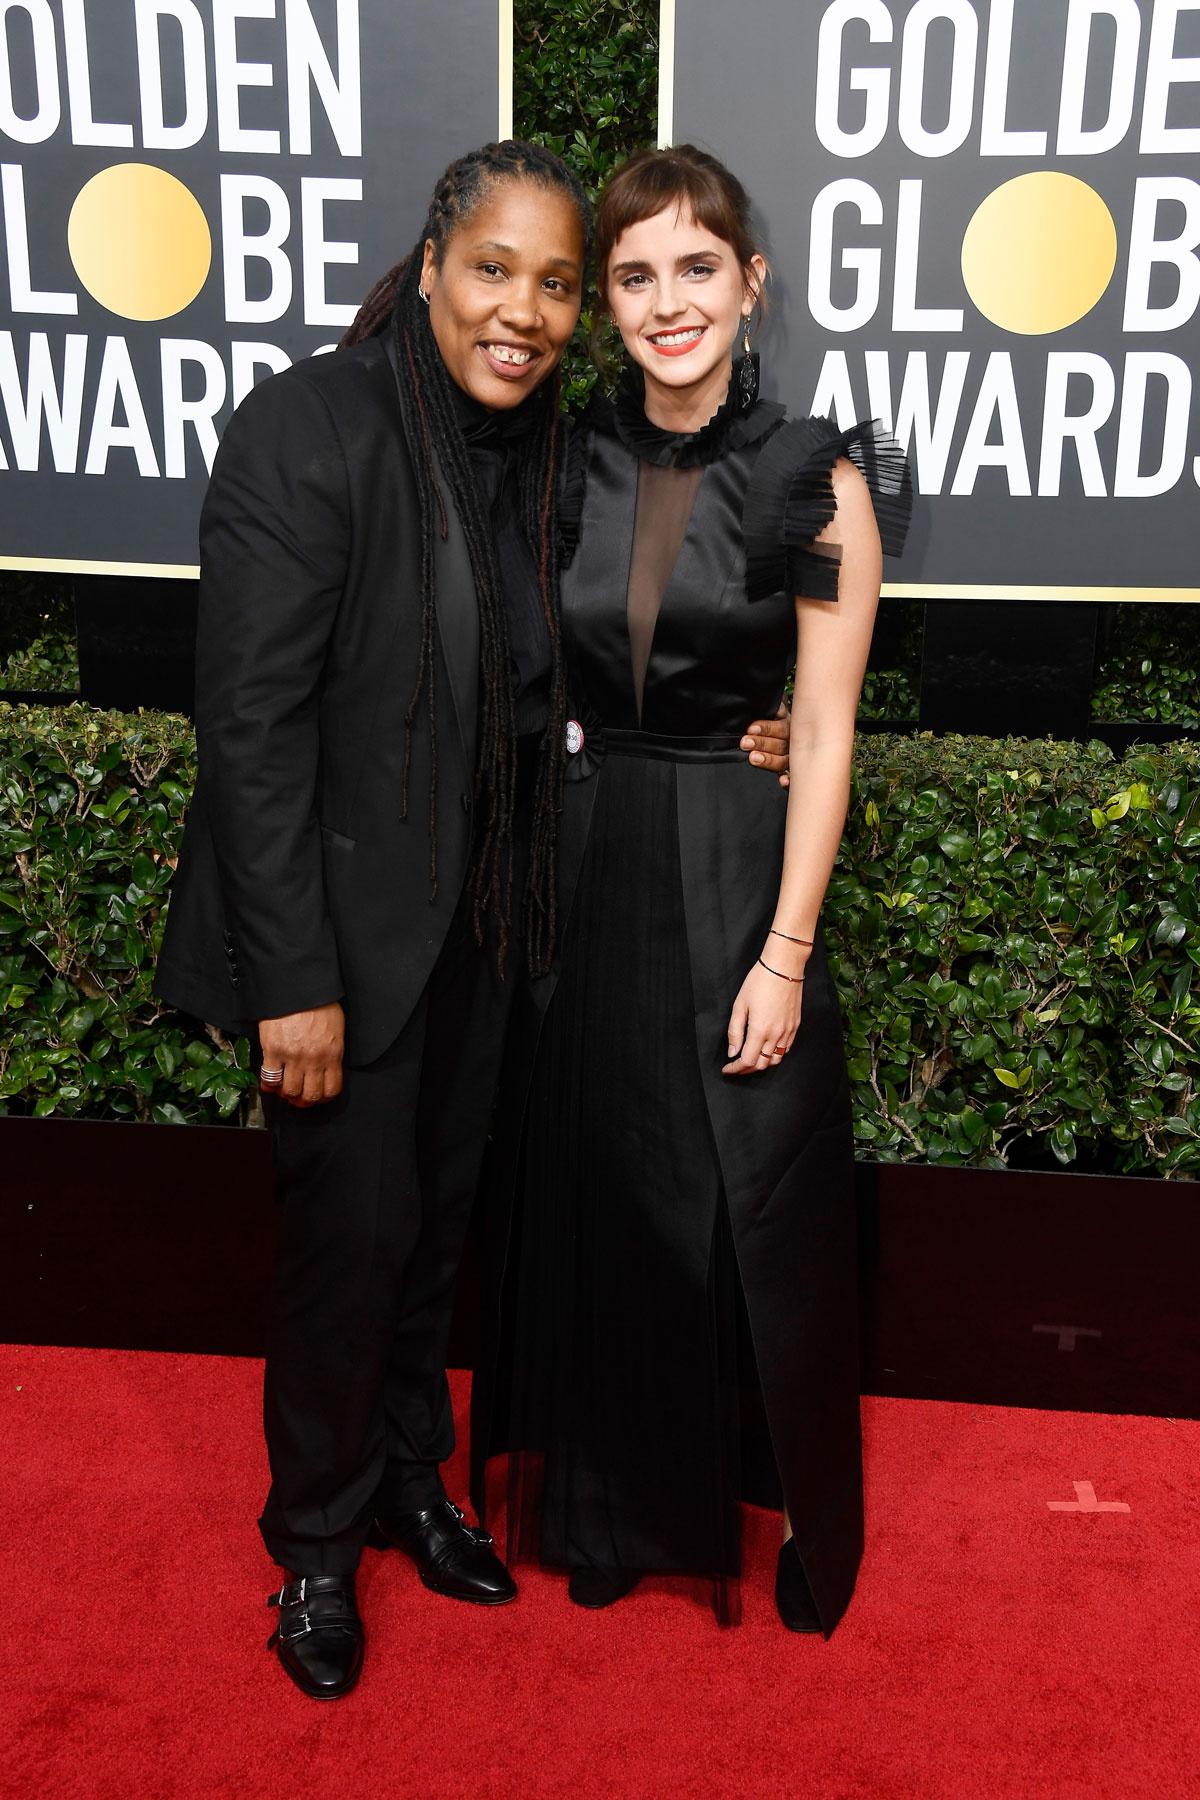 La subasta benéfica de los vestidos de Hollywood en favor de Time's Up - image globos_de_oro_2018_emma_watson on https://www.vanidad.es